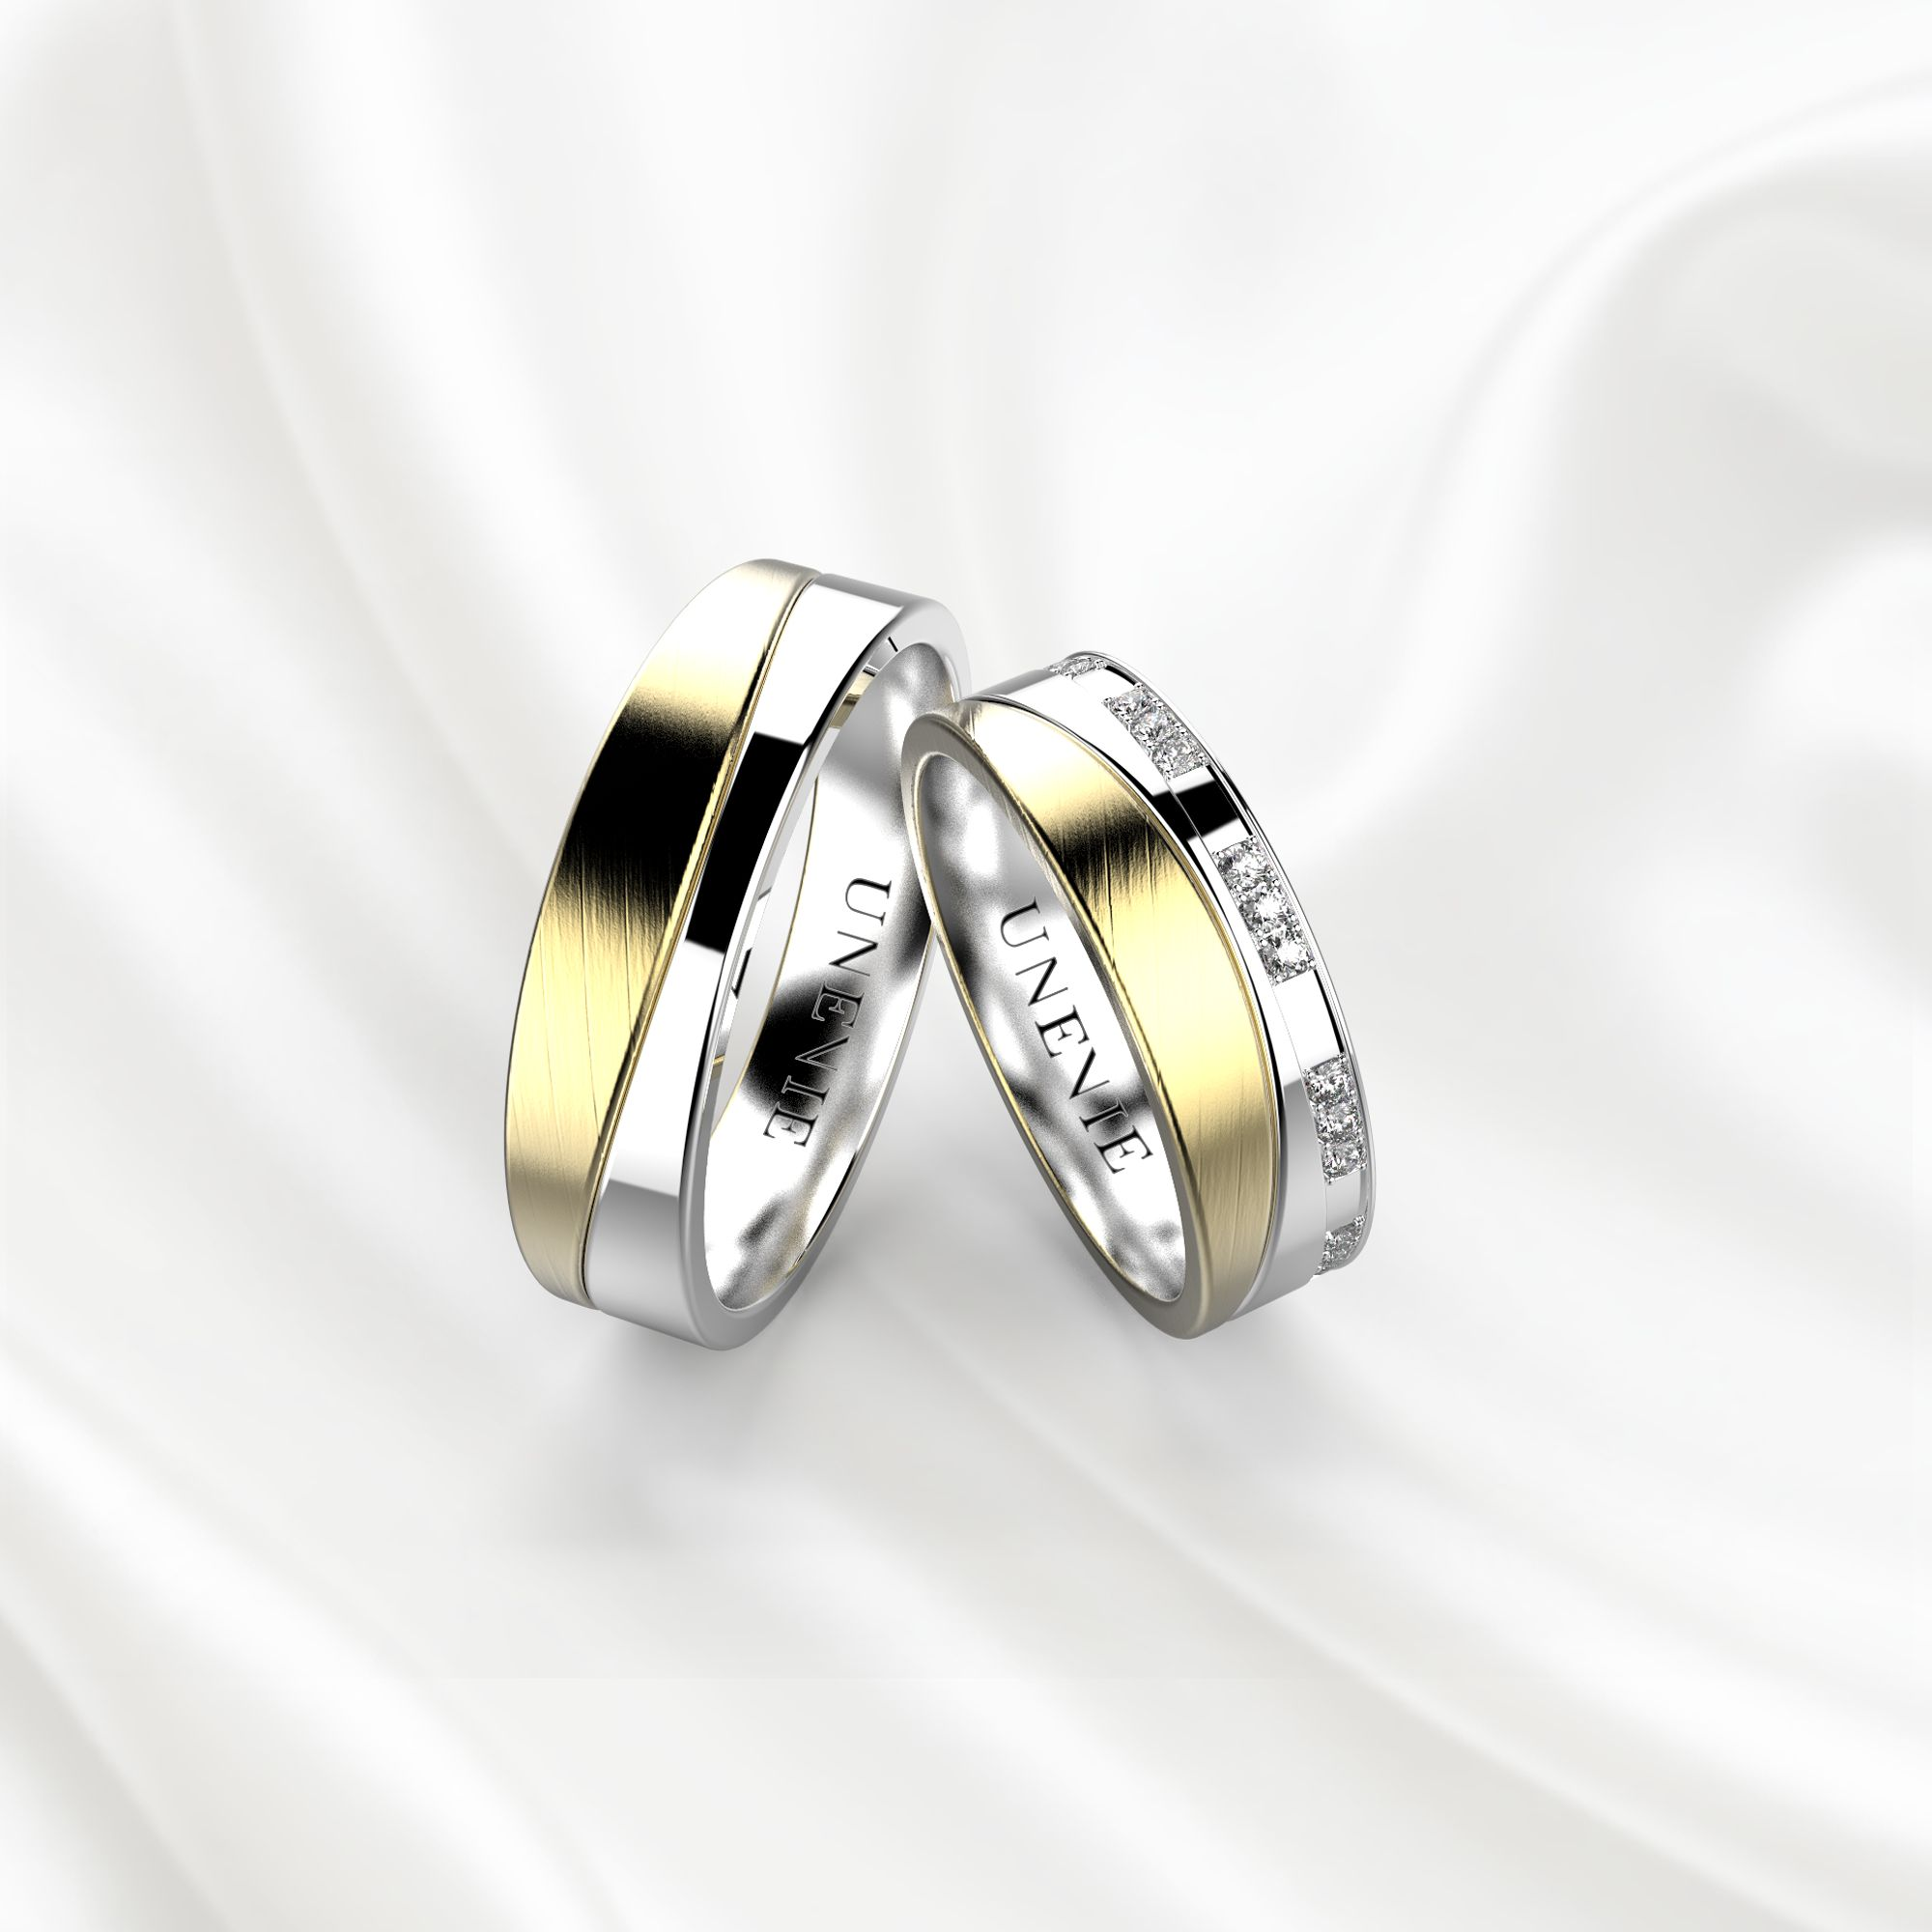 NV4 Обручальные кольца из желто-белого золота